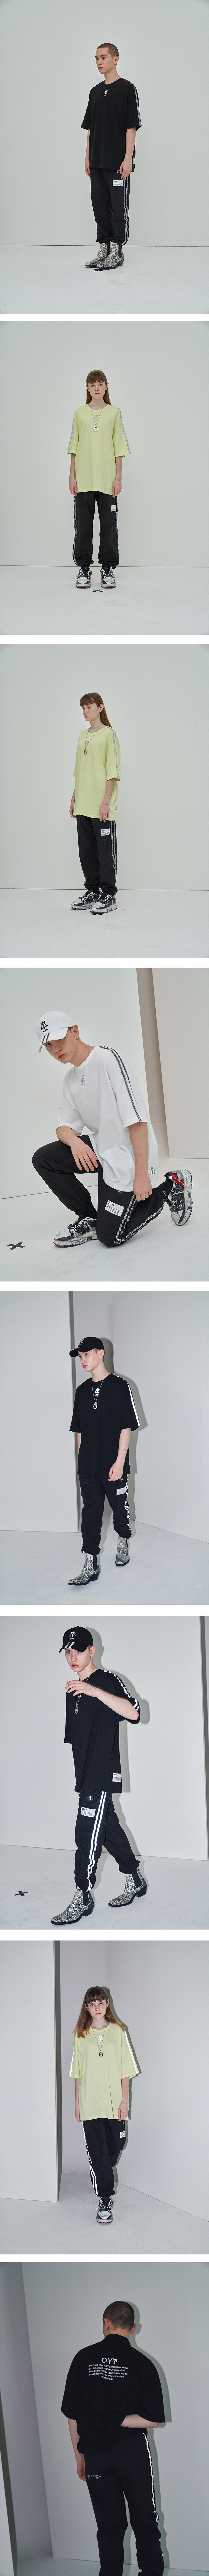 오와이(OY) REFLECTIVE JOGER PANTS - BK